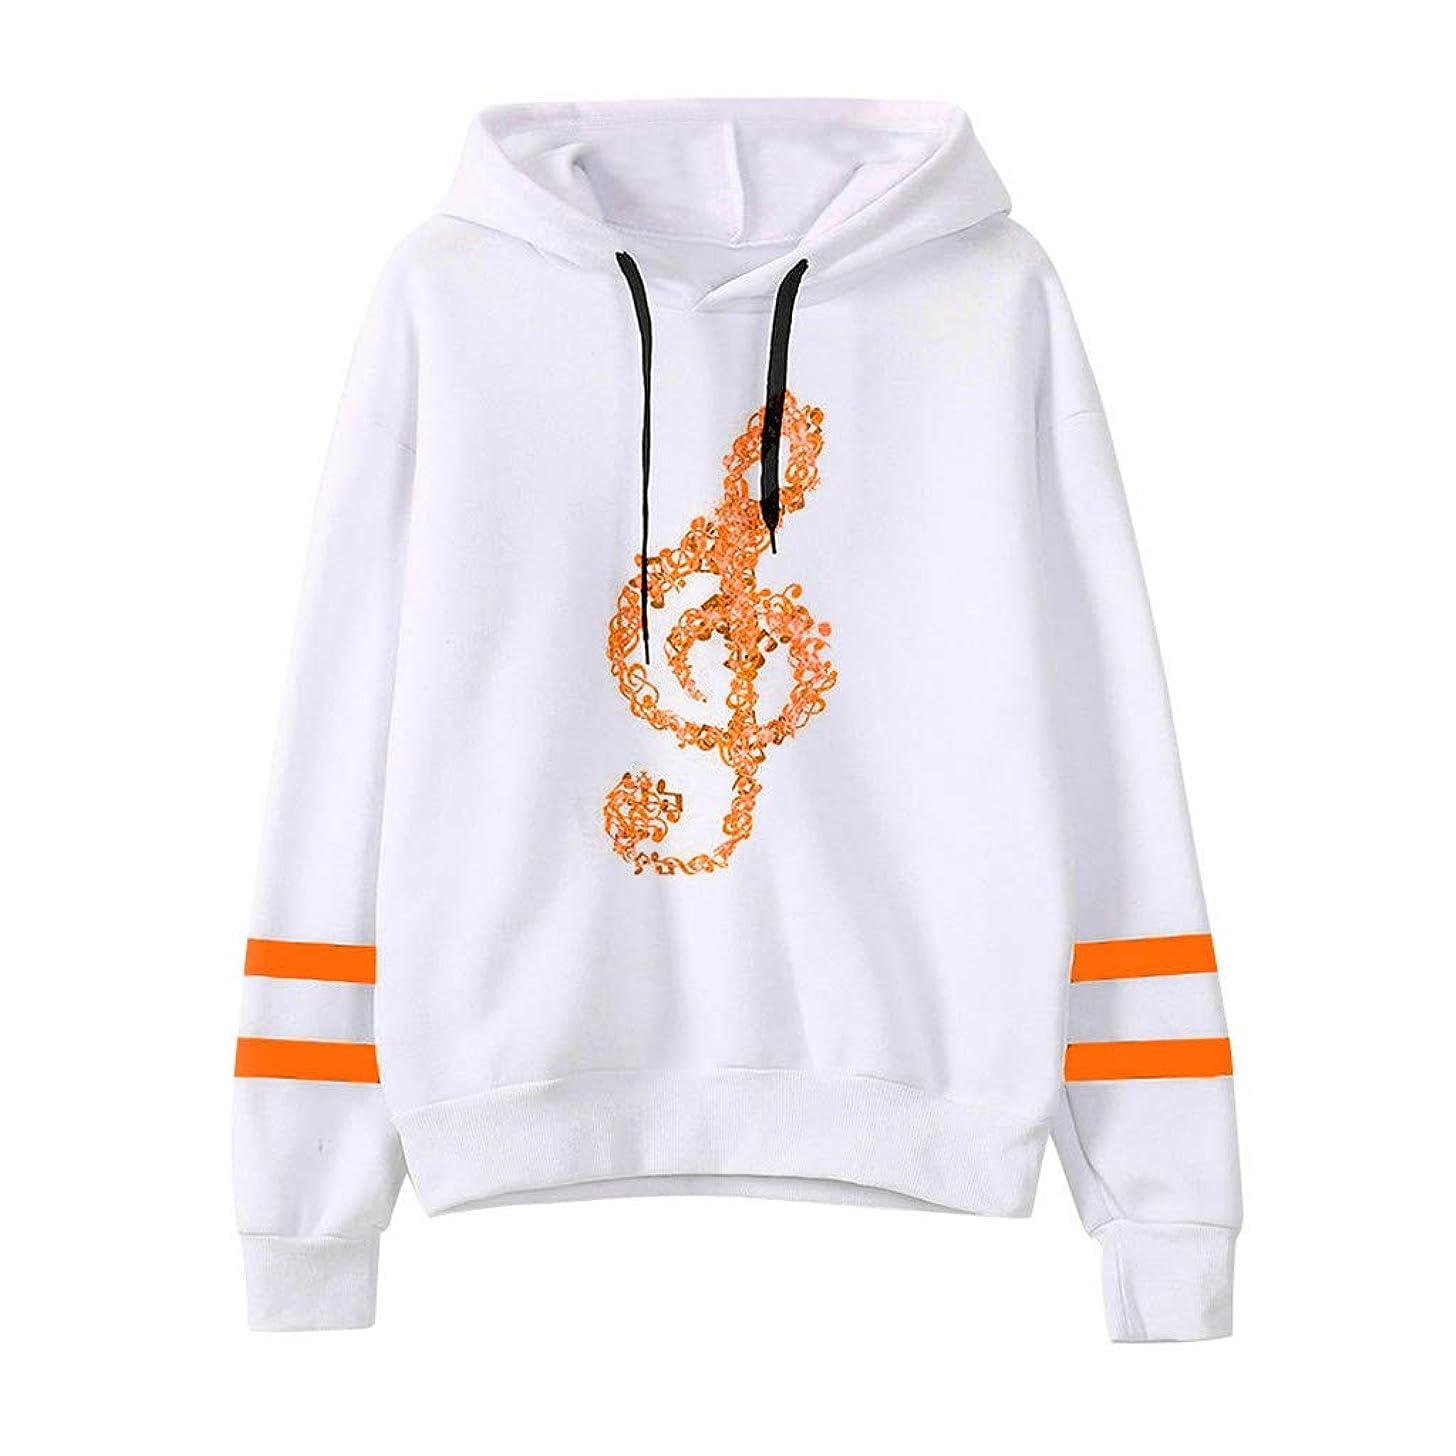 Sunhusing Ladies' Musical Notes Printing Long Sleeve Drawstring Hoodie Sweatshirt Pullover Top